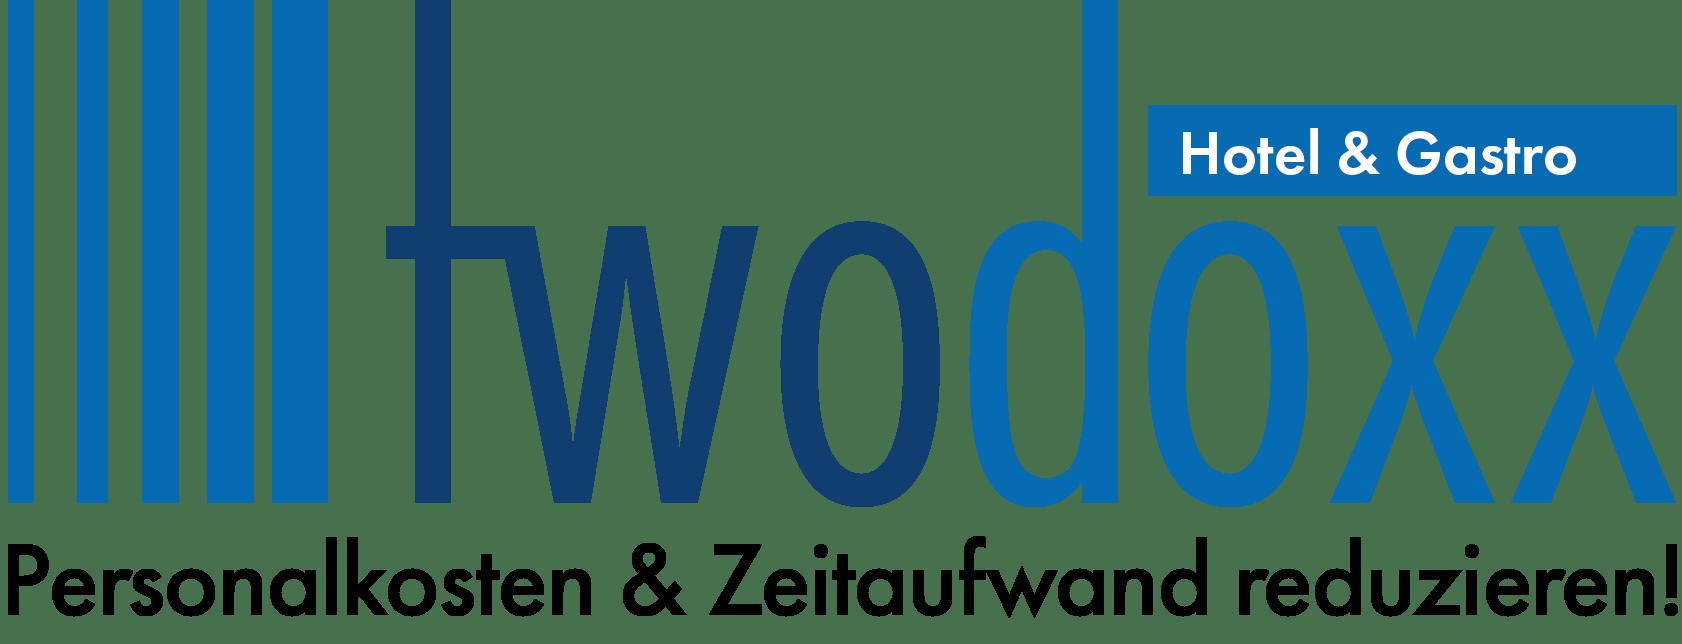 Presse - Logo twodoxx Hotel & Gastro mit Slogan